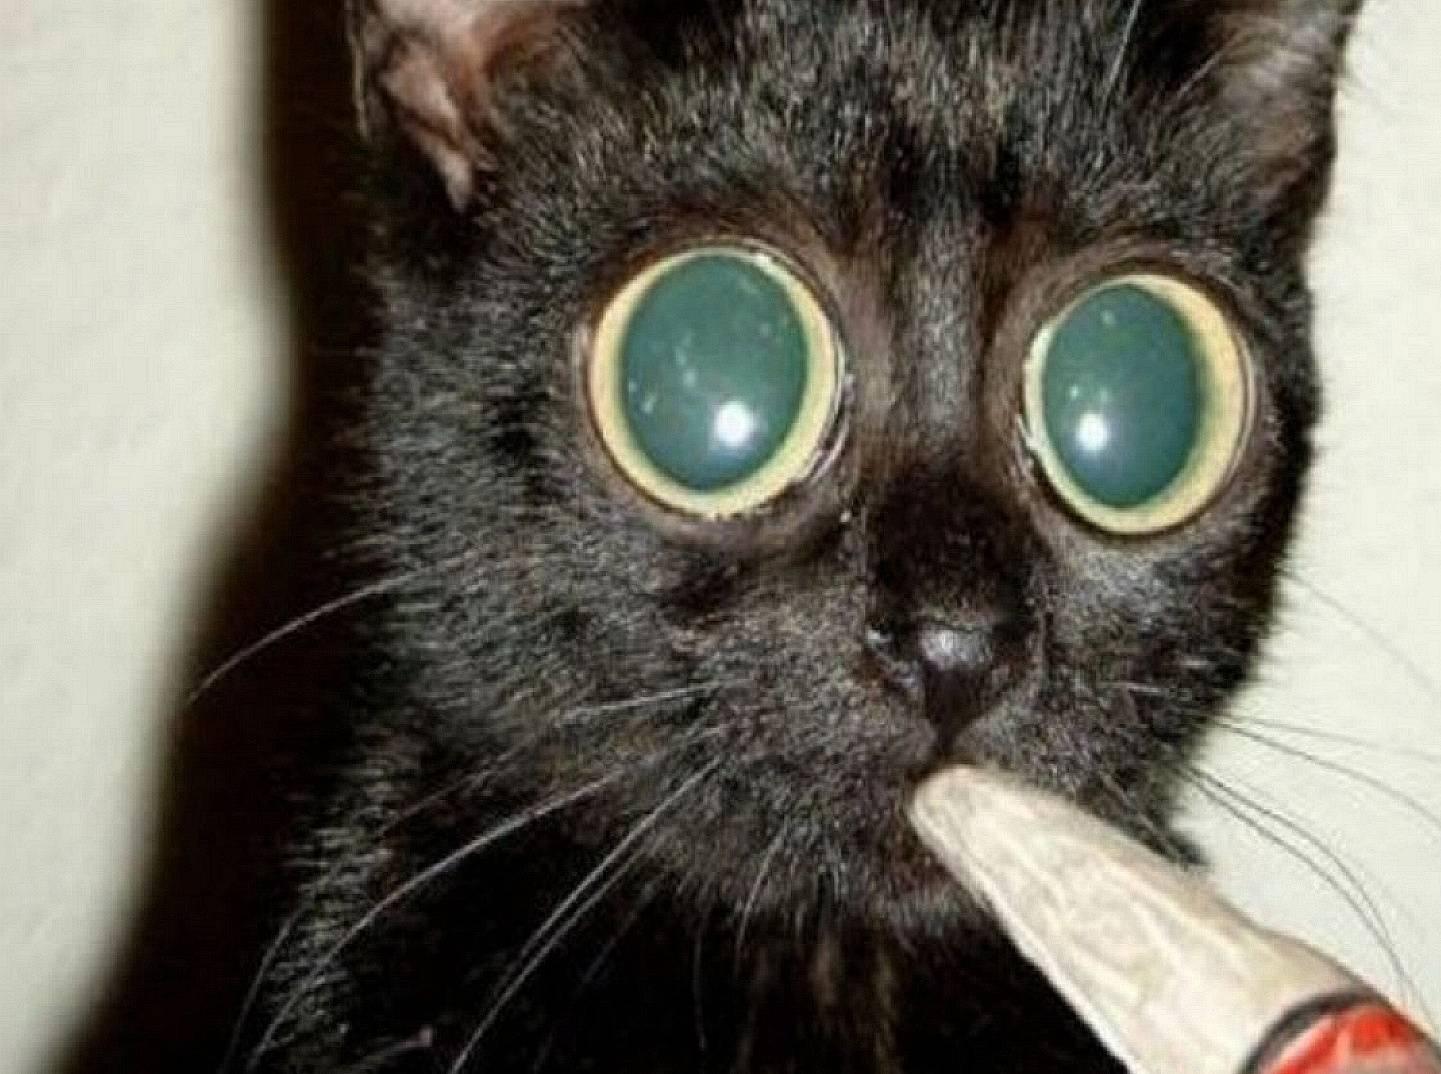 cat smoker---------